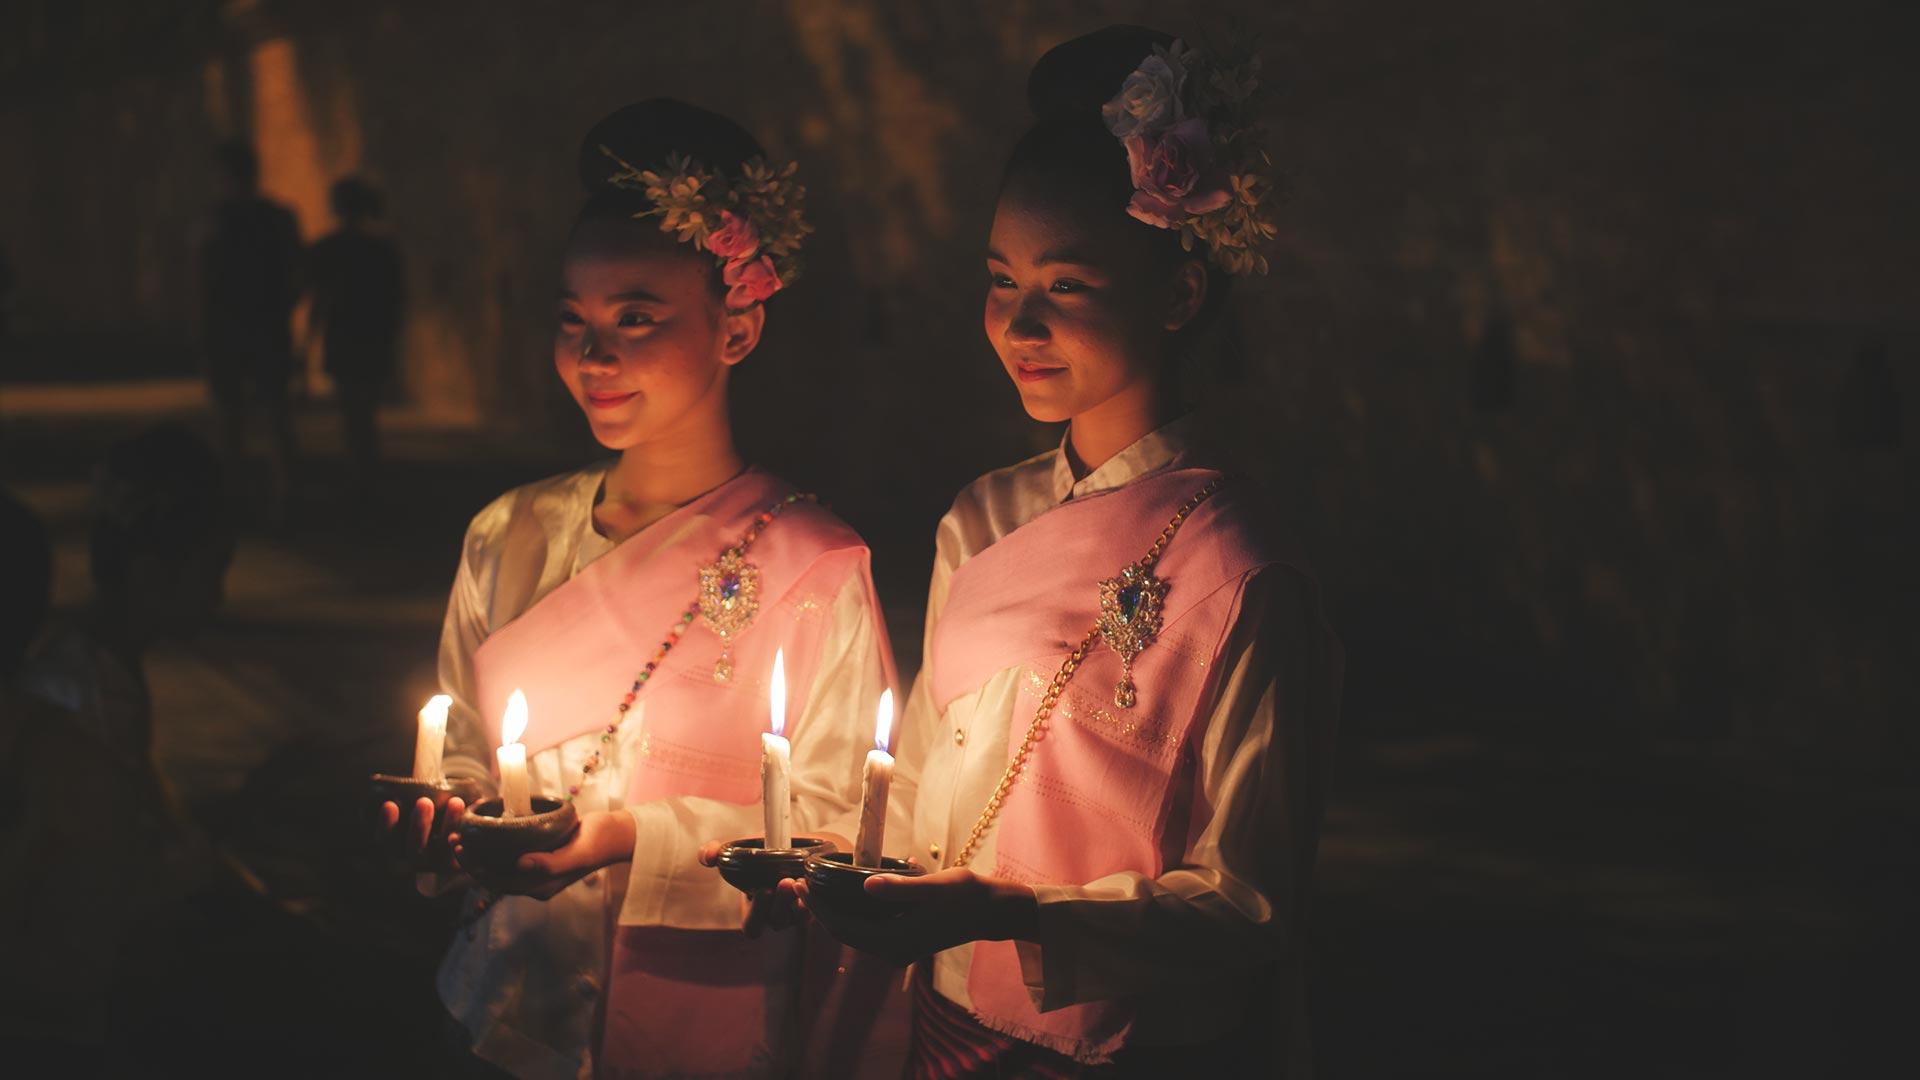 Loy Krathong Festival - Traditionell gekleidete Thailänderinnen mit Kerzen